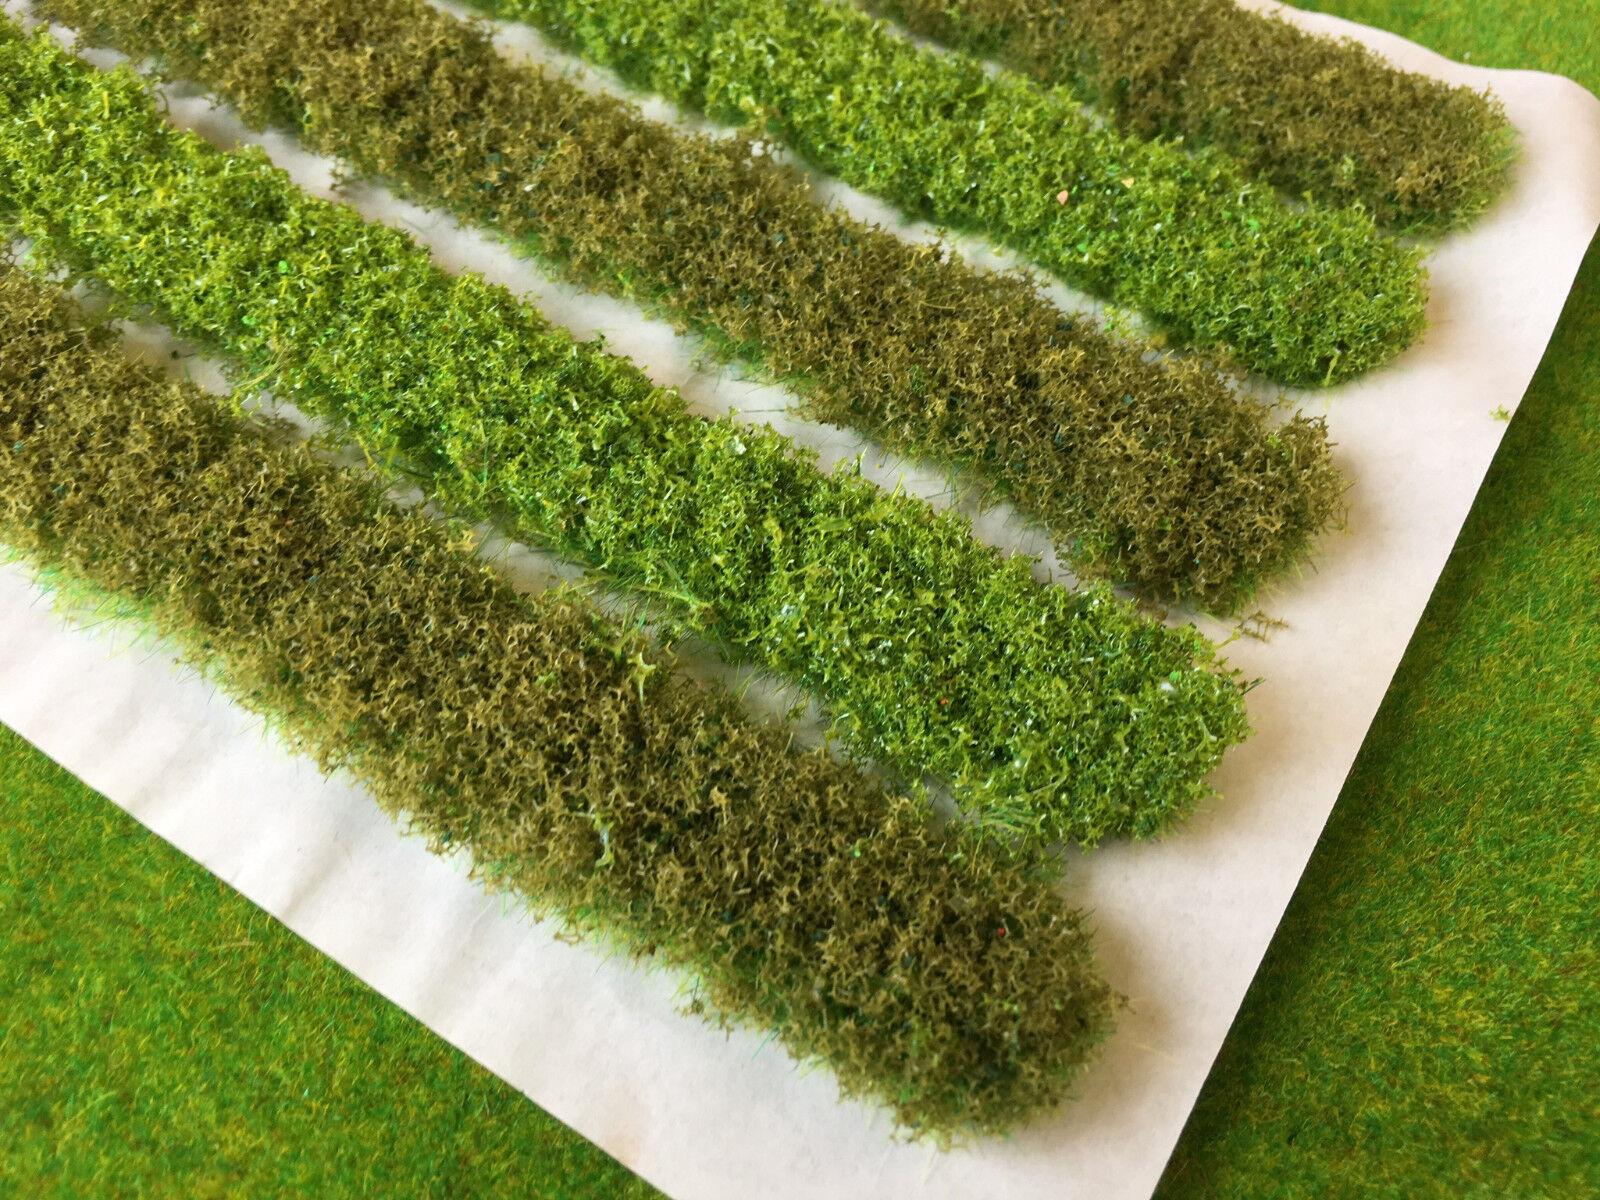 5x 18cm Bushy Hedge Strips Static Grass Tufts Model Scenery Wargame Railway